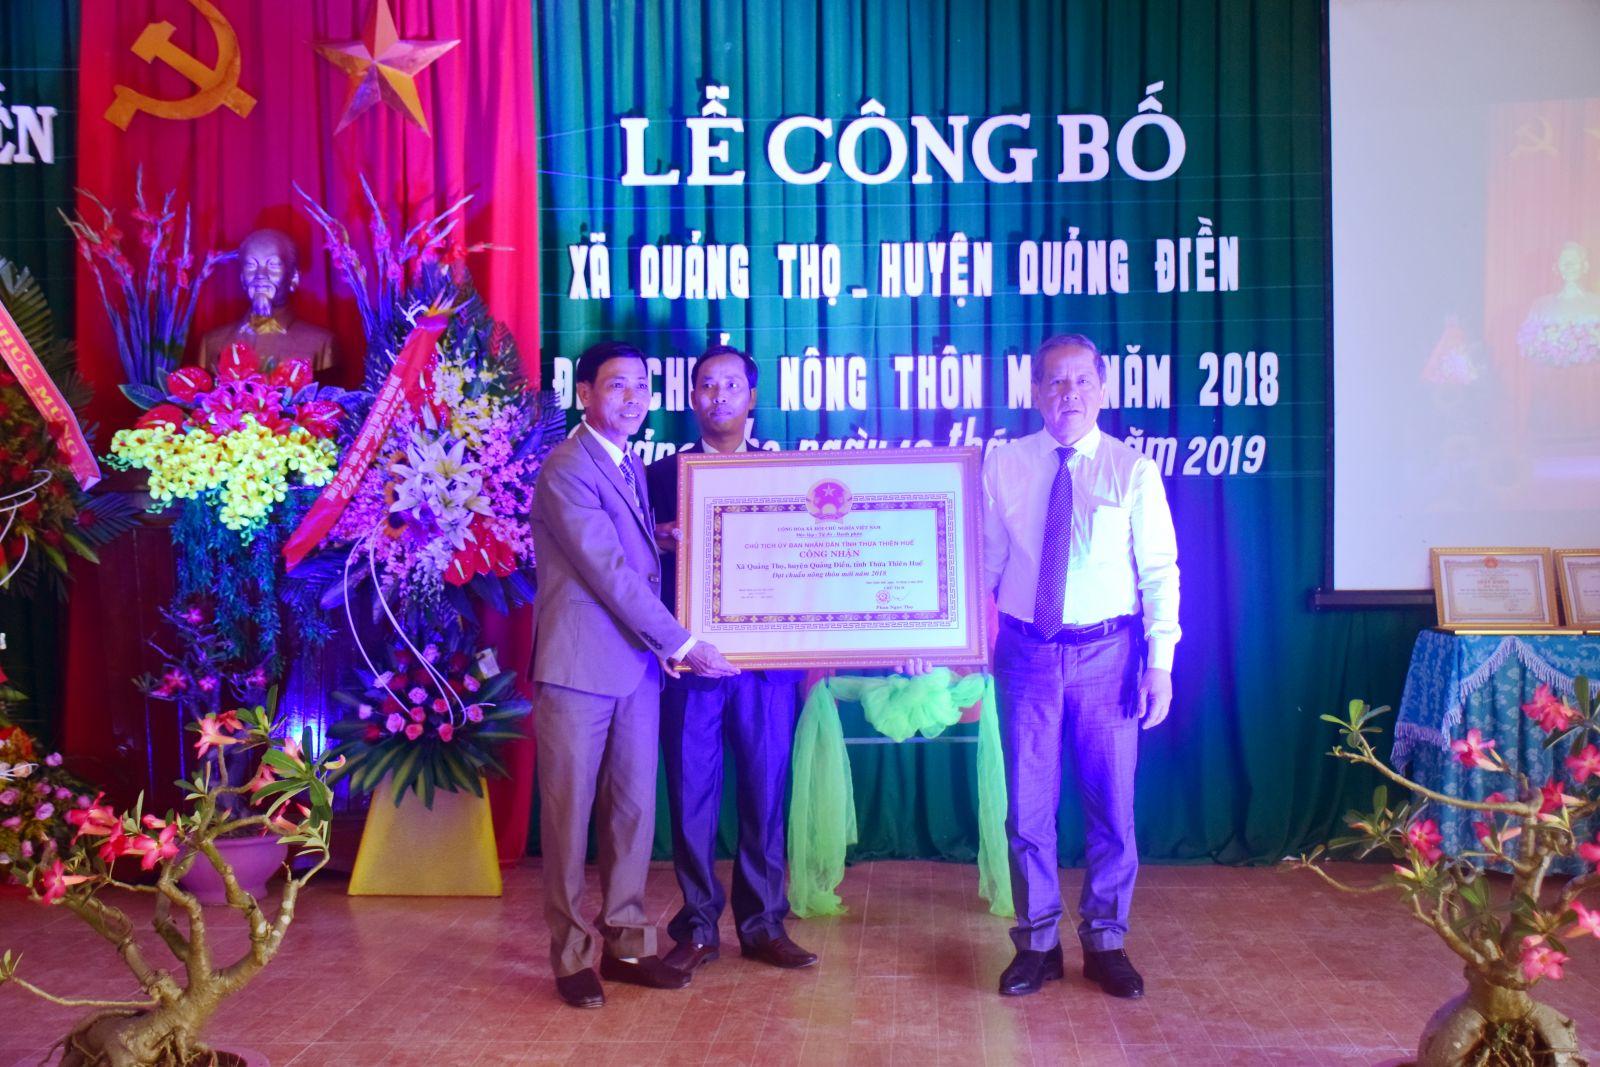 Xã Quảng Thọ đạt chuẩn nông thôn mới